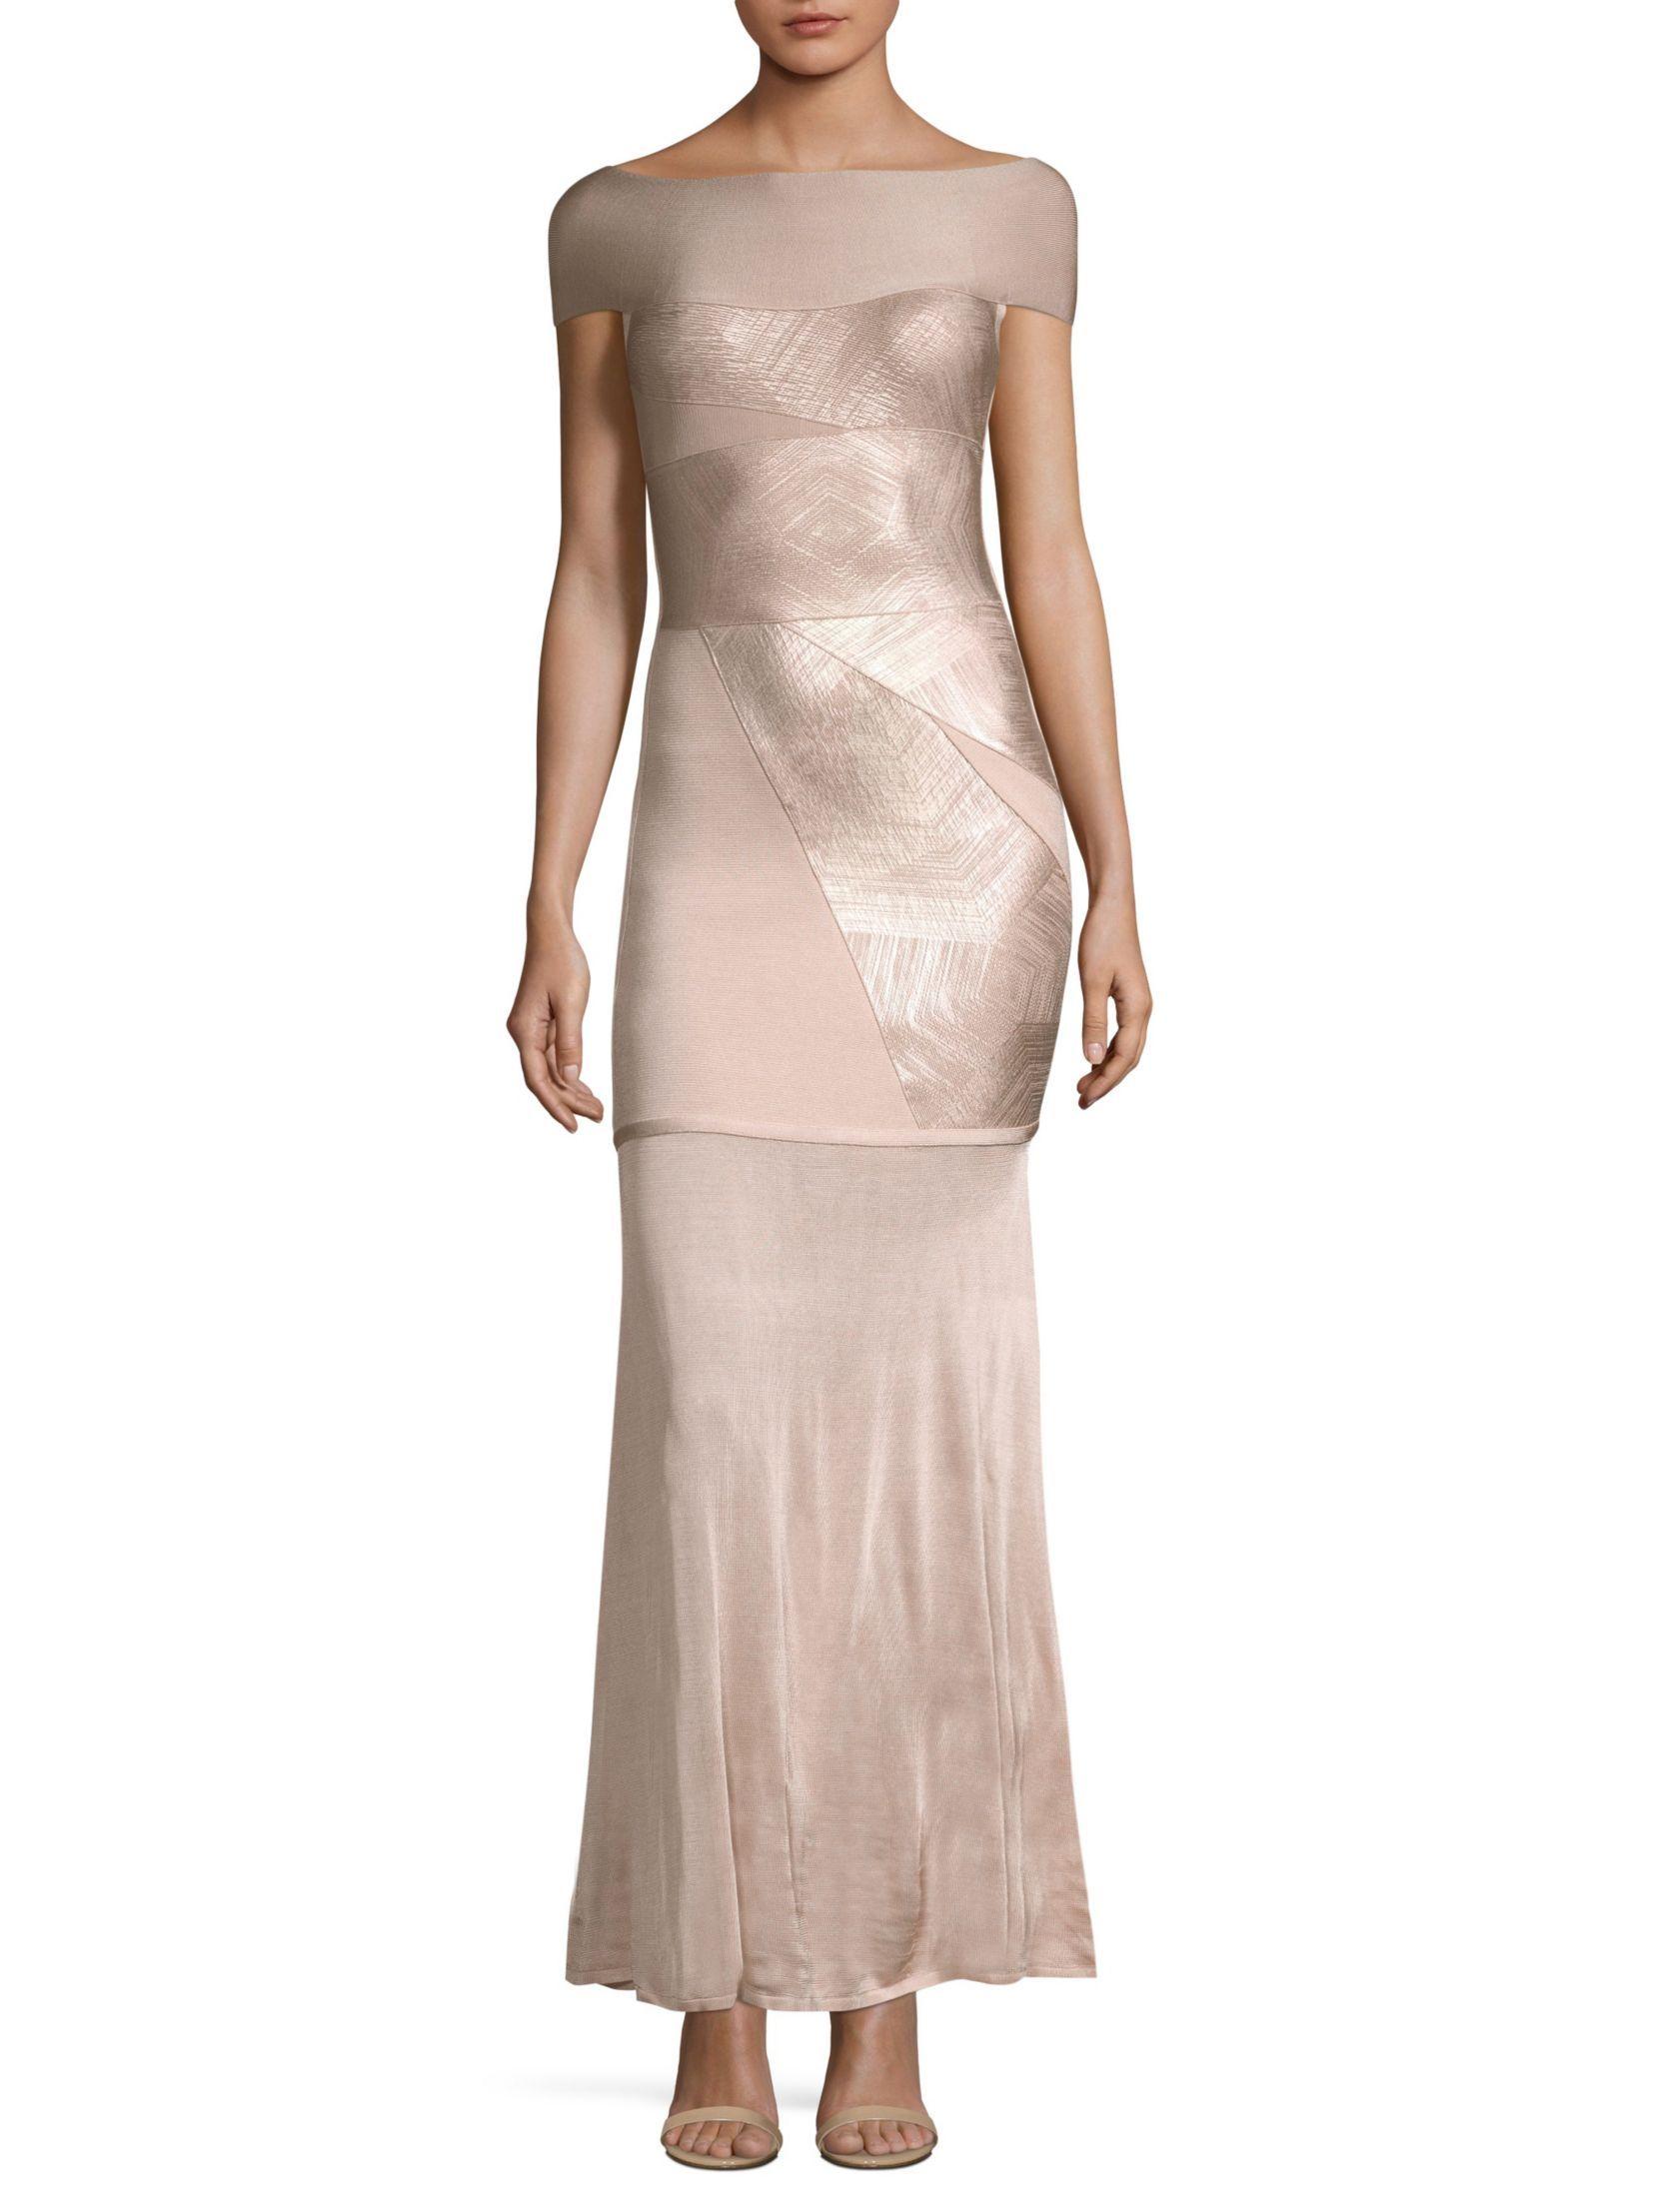 Herve Leger Off-The-Shoulder Foil Gown   Dresses   Pinterest   Herve ...